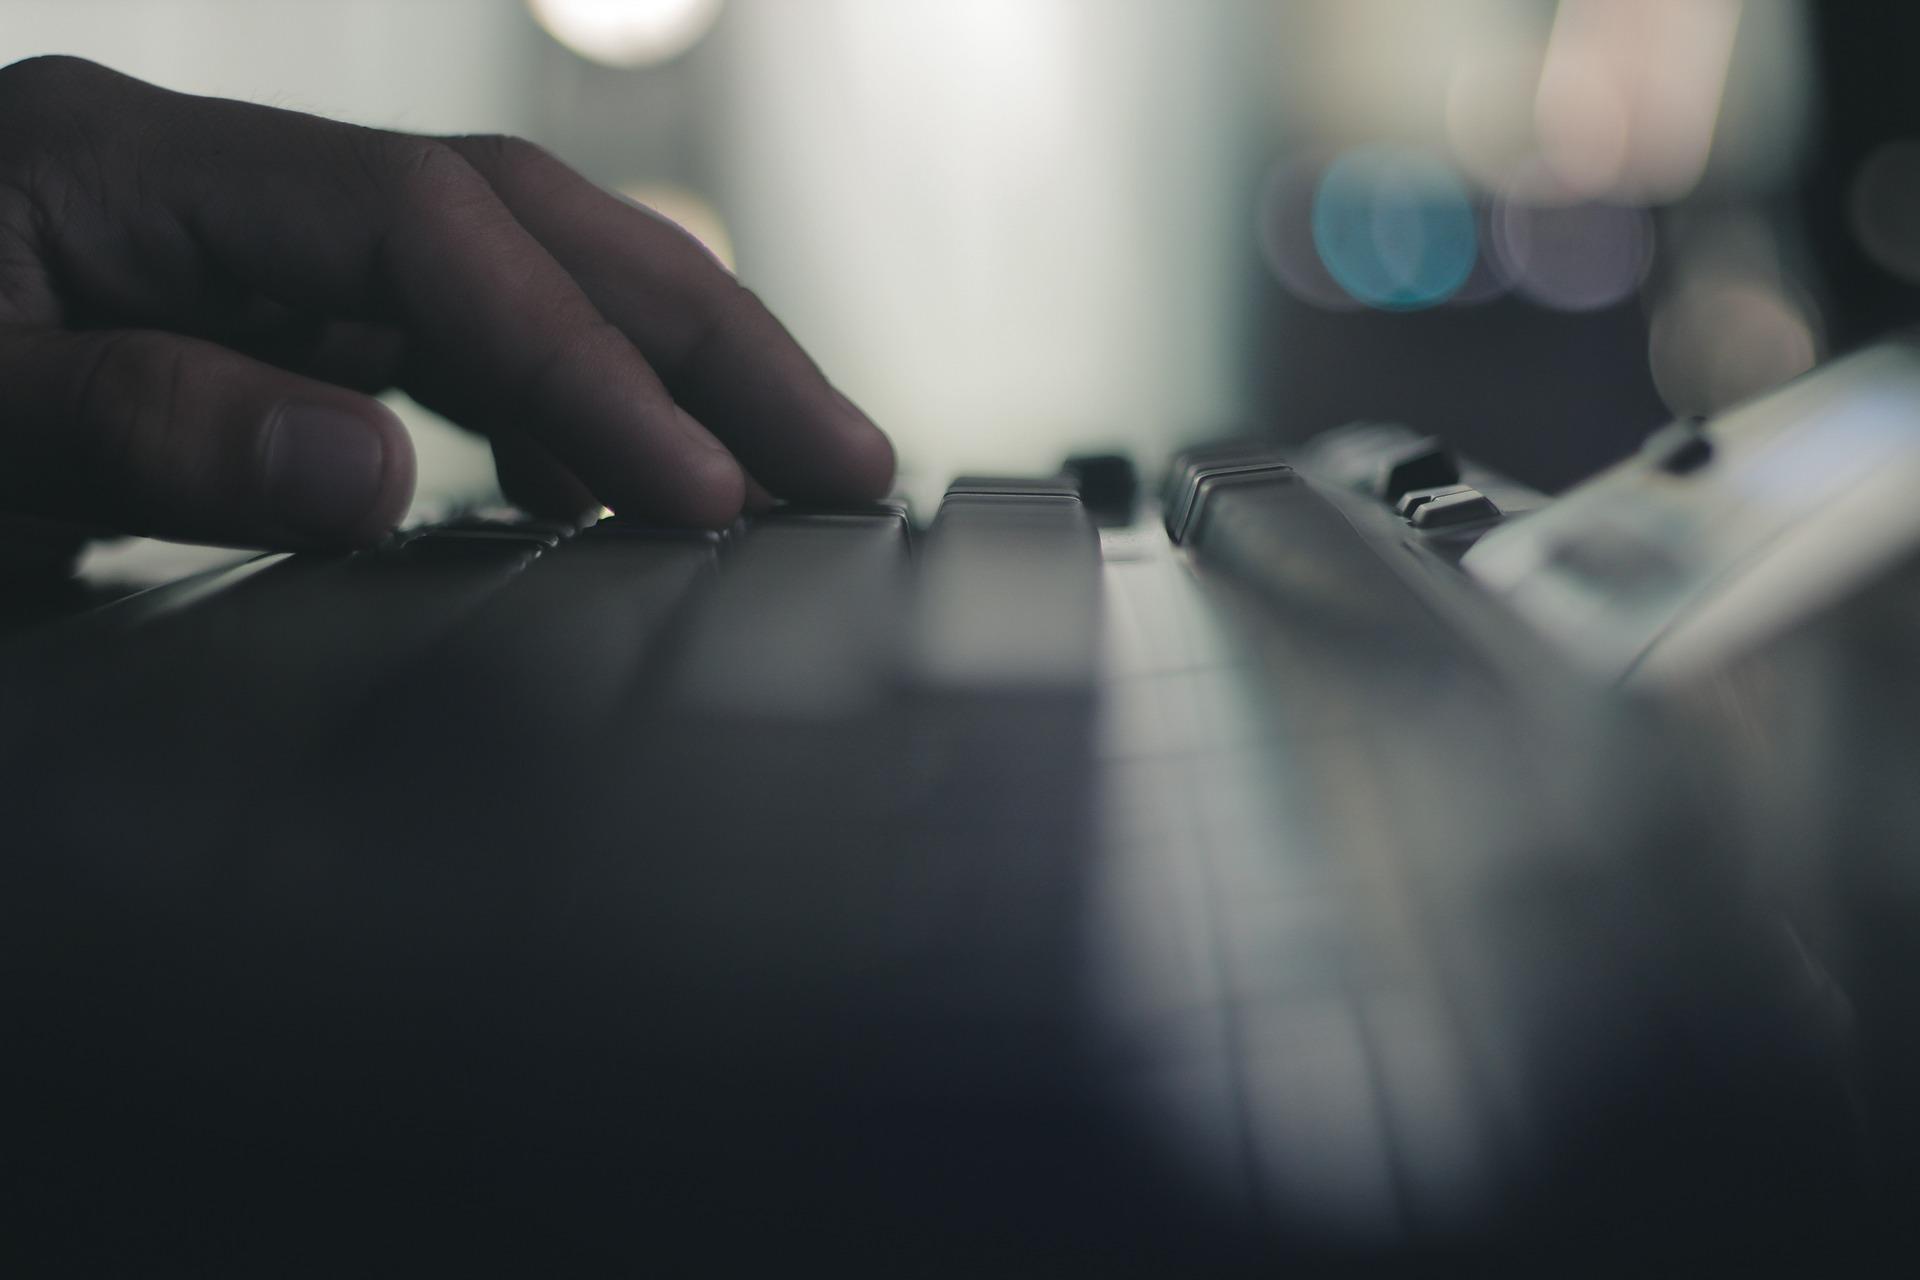 Az adathalászat mint bűncselekmény egyre gyakoribb